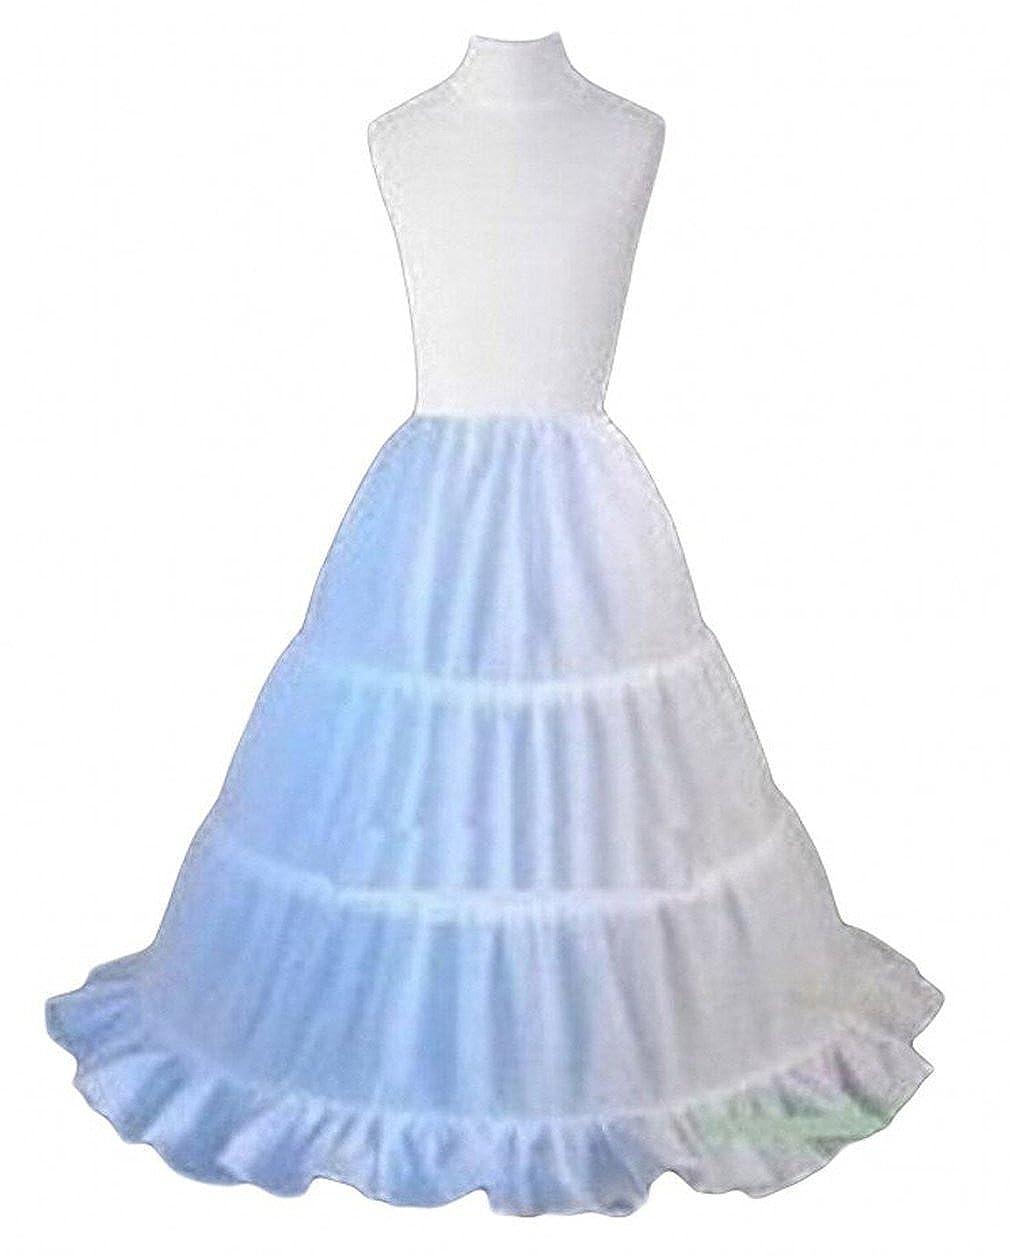 Dearta Children Half Slips Flower Girls Dresses Princess Petticoats CQ10005